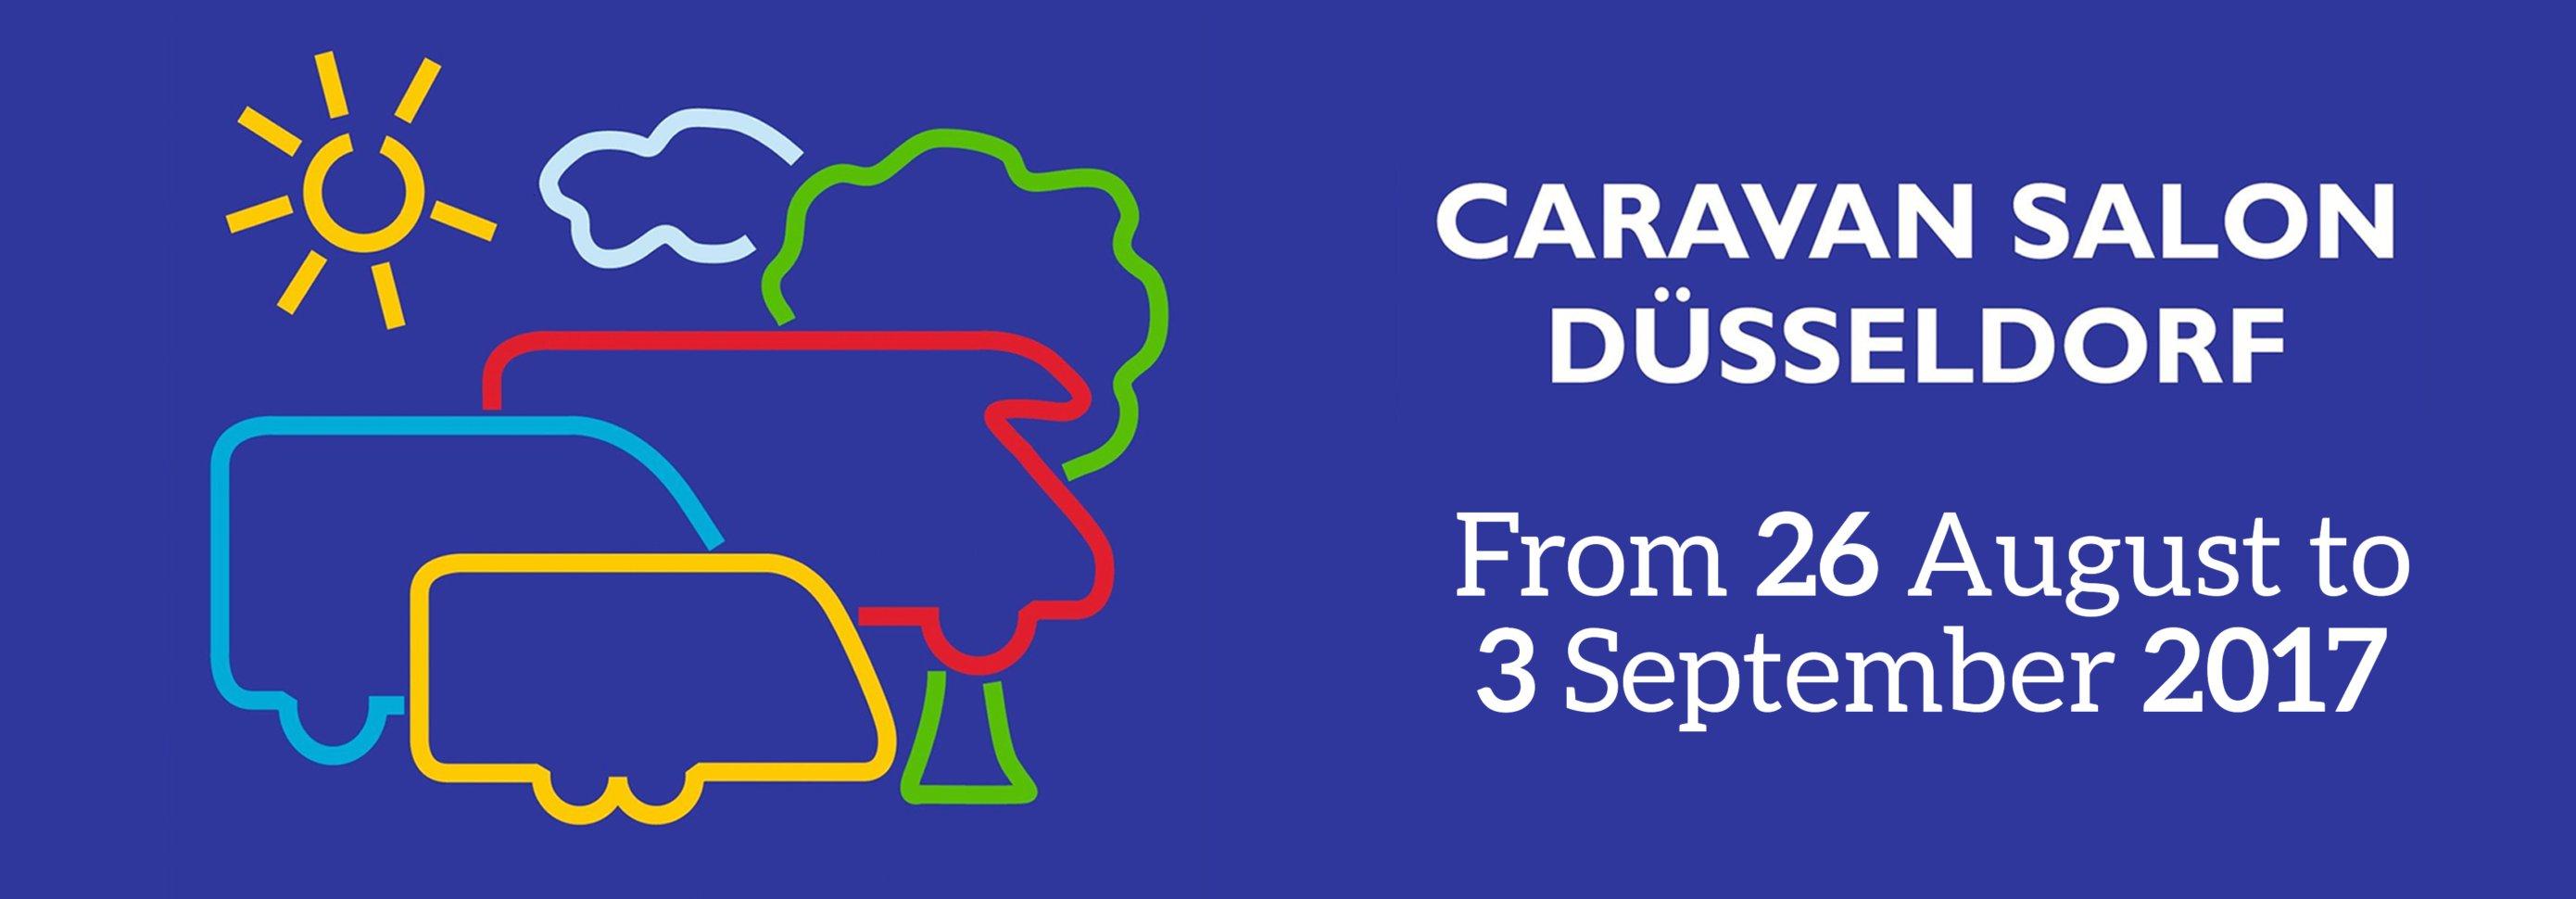 Caravan Salon 2017 Düsseldorf